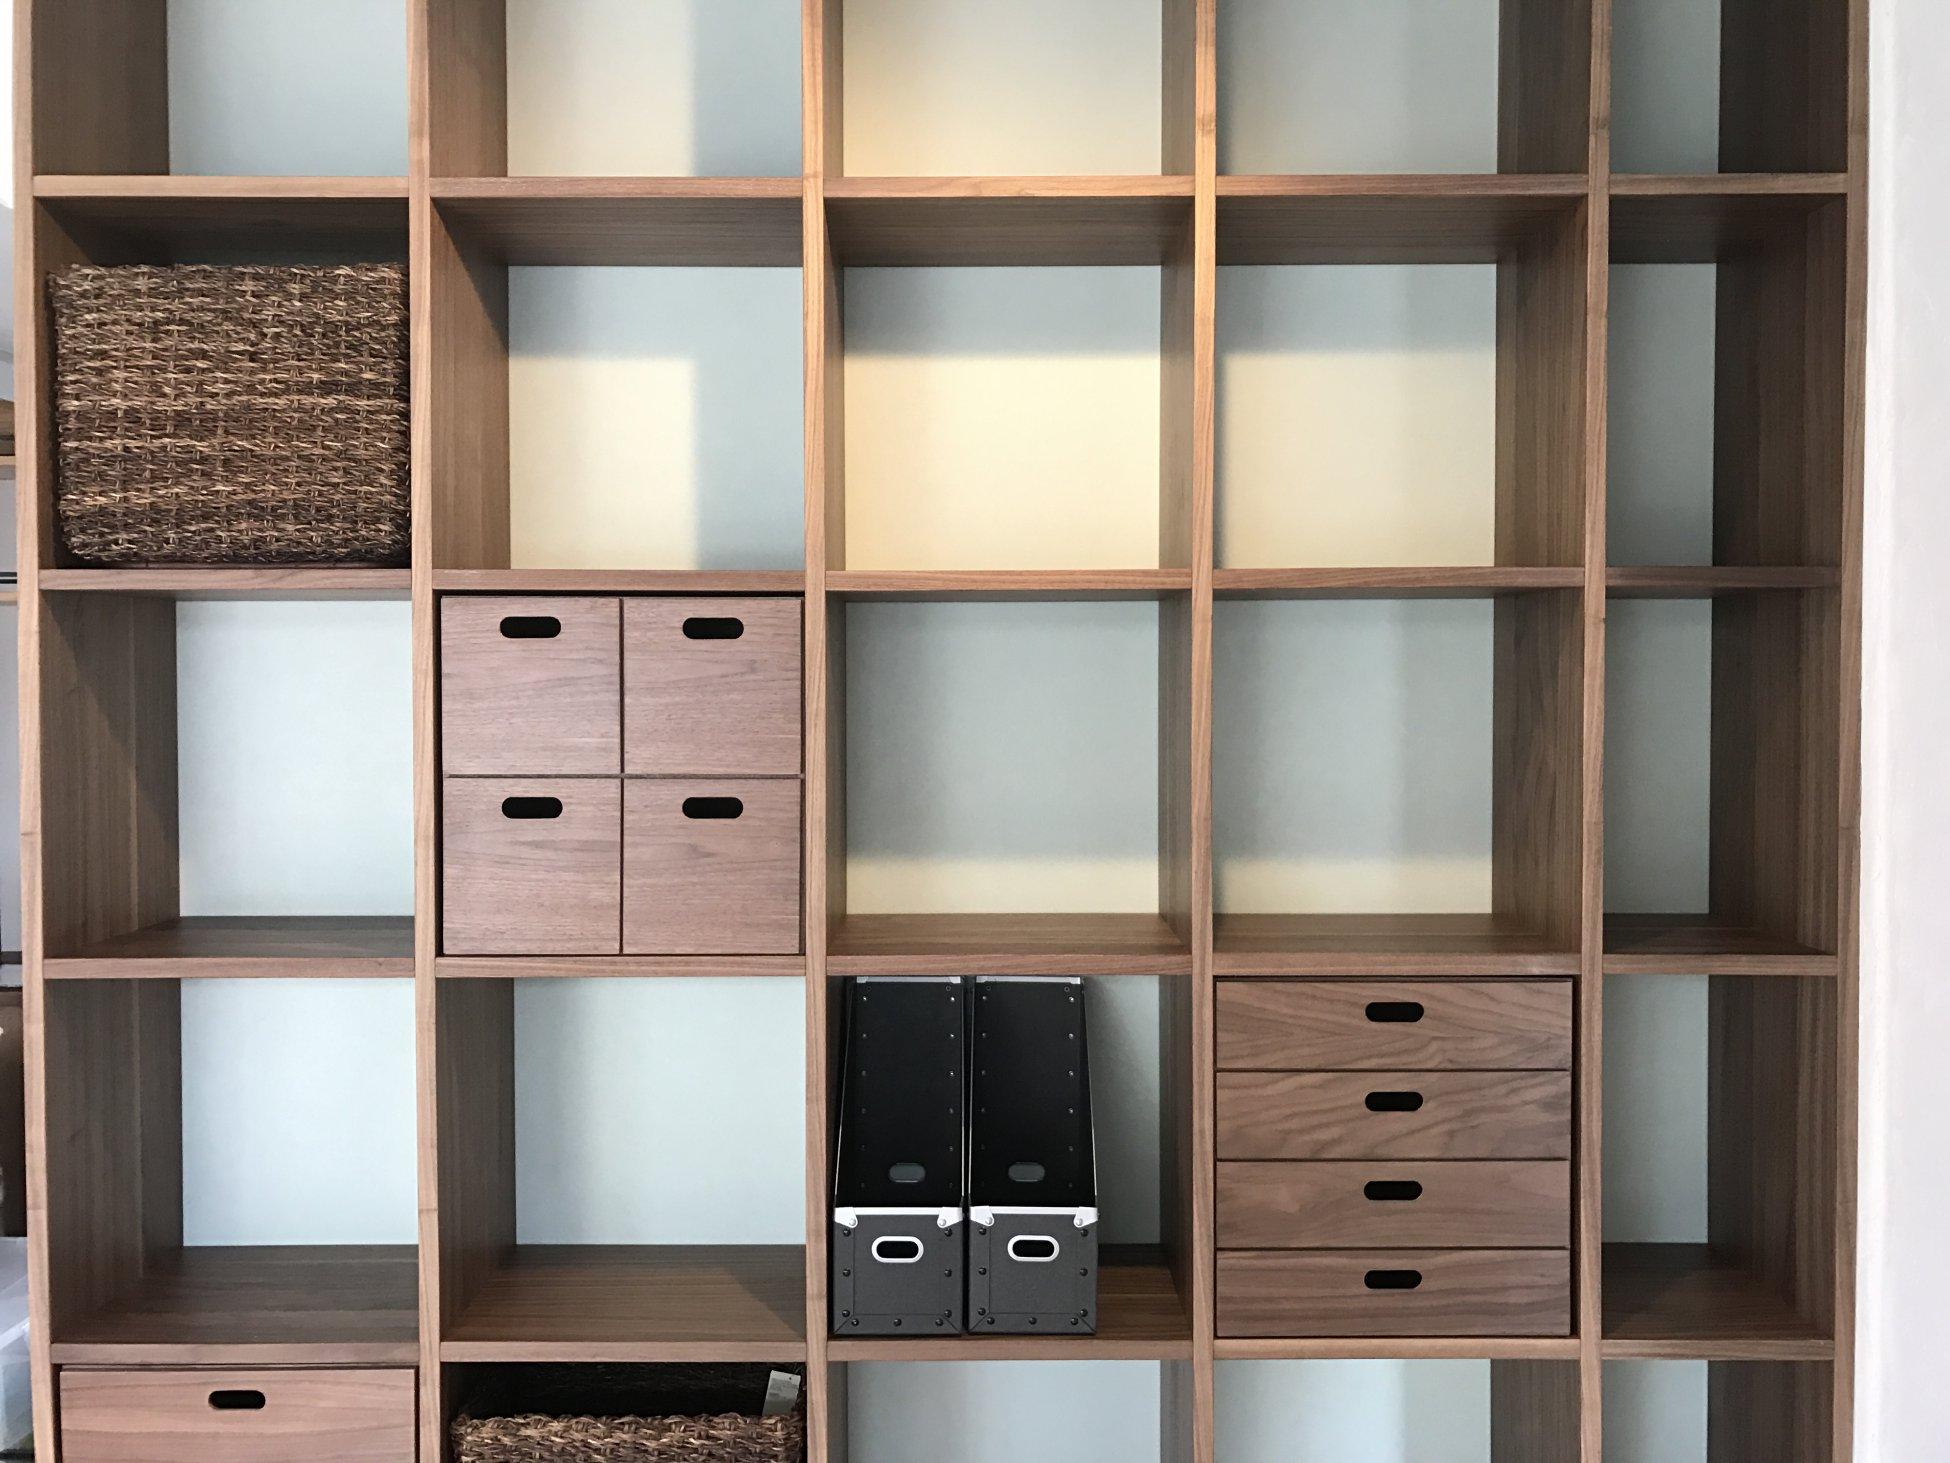 壁一面に本棚が欲しい! そんな要望増えてます。 家具の転倒の心配も要らないですし、子供に自分の読んでいる本を見せたい、